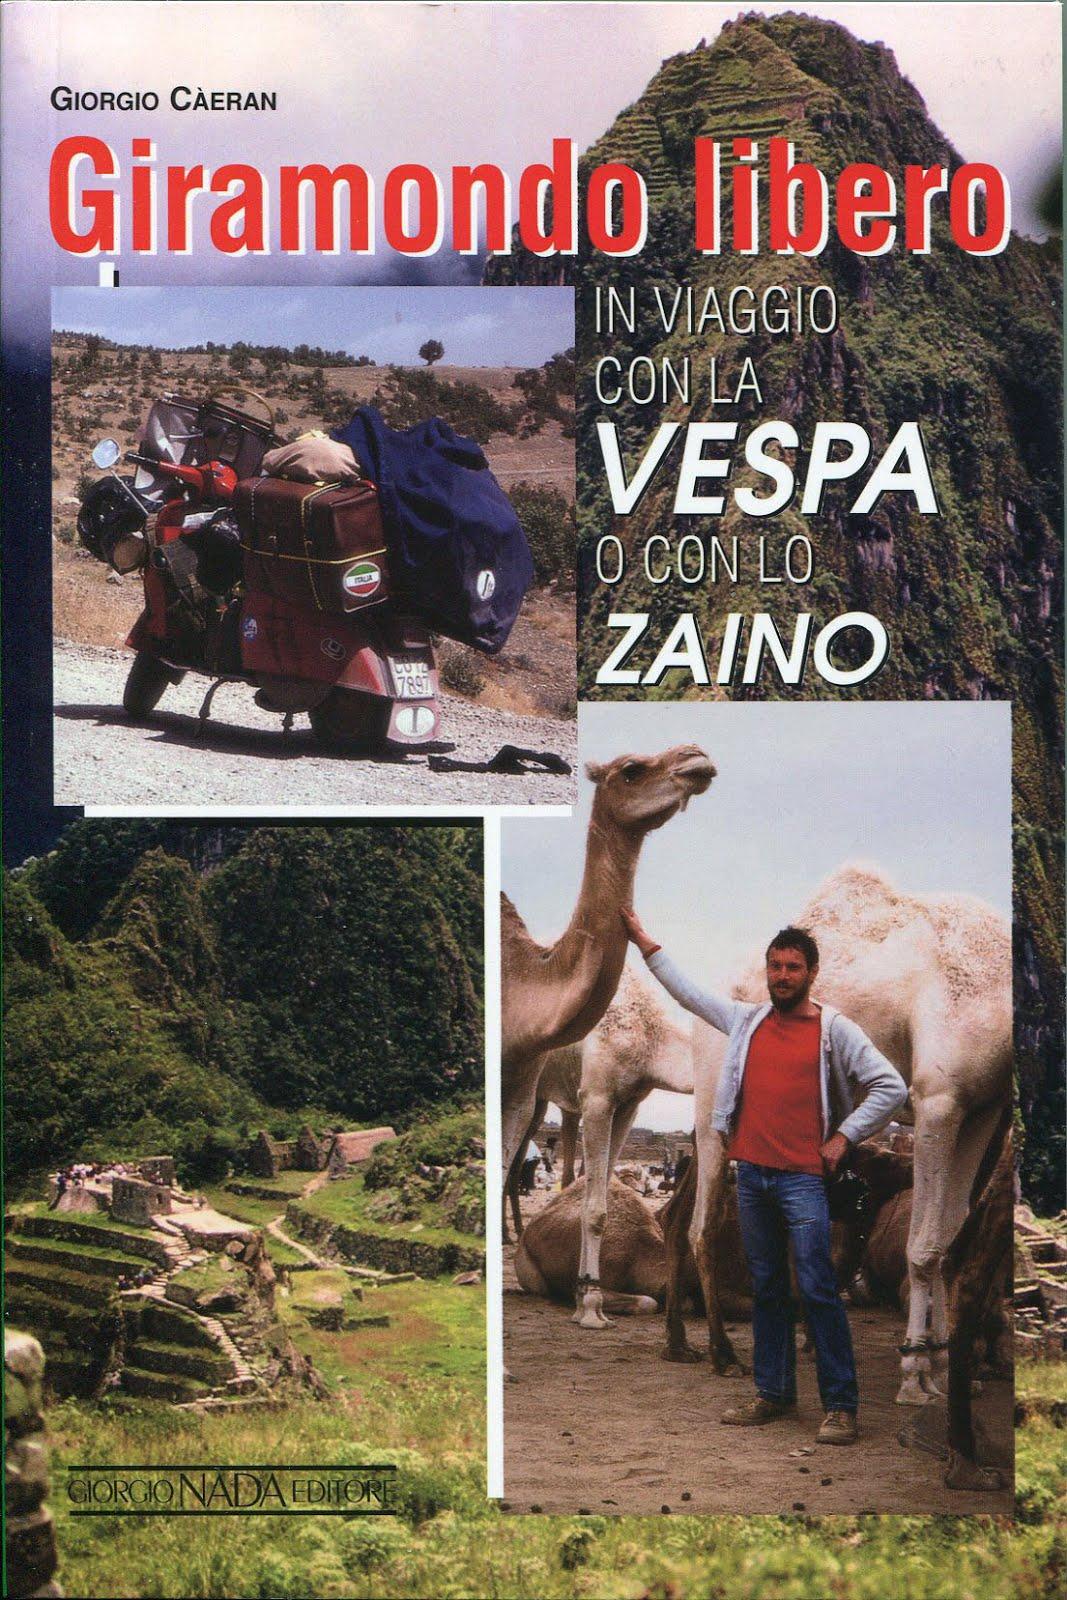 """""""Giramondo libero - In viaggio con la Vespa o con lo zaino"""". Prima di copertina del secondo libro ("""